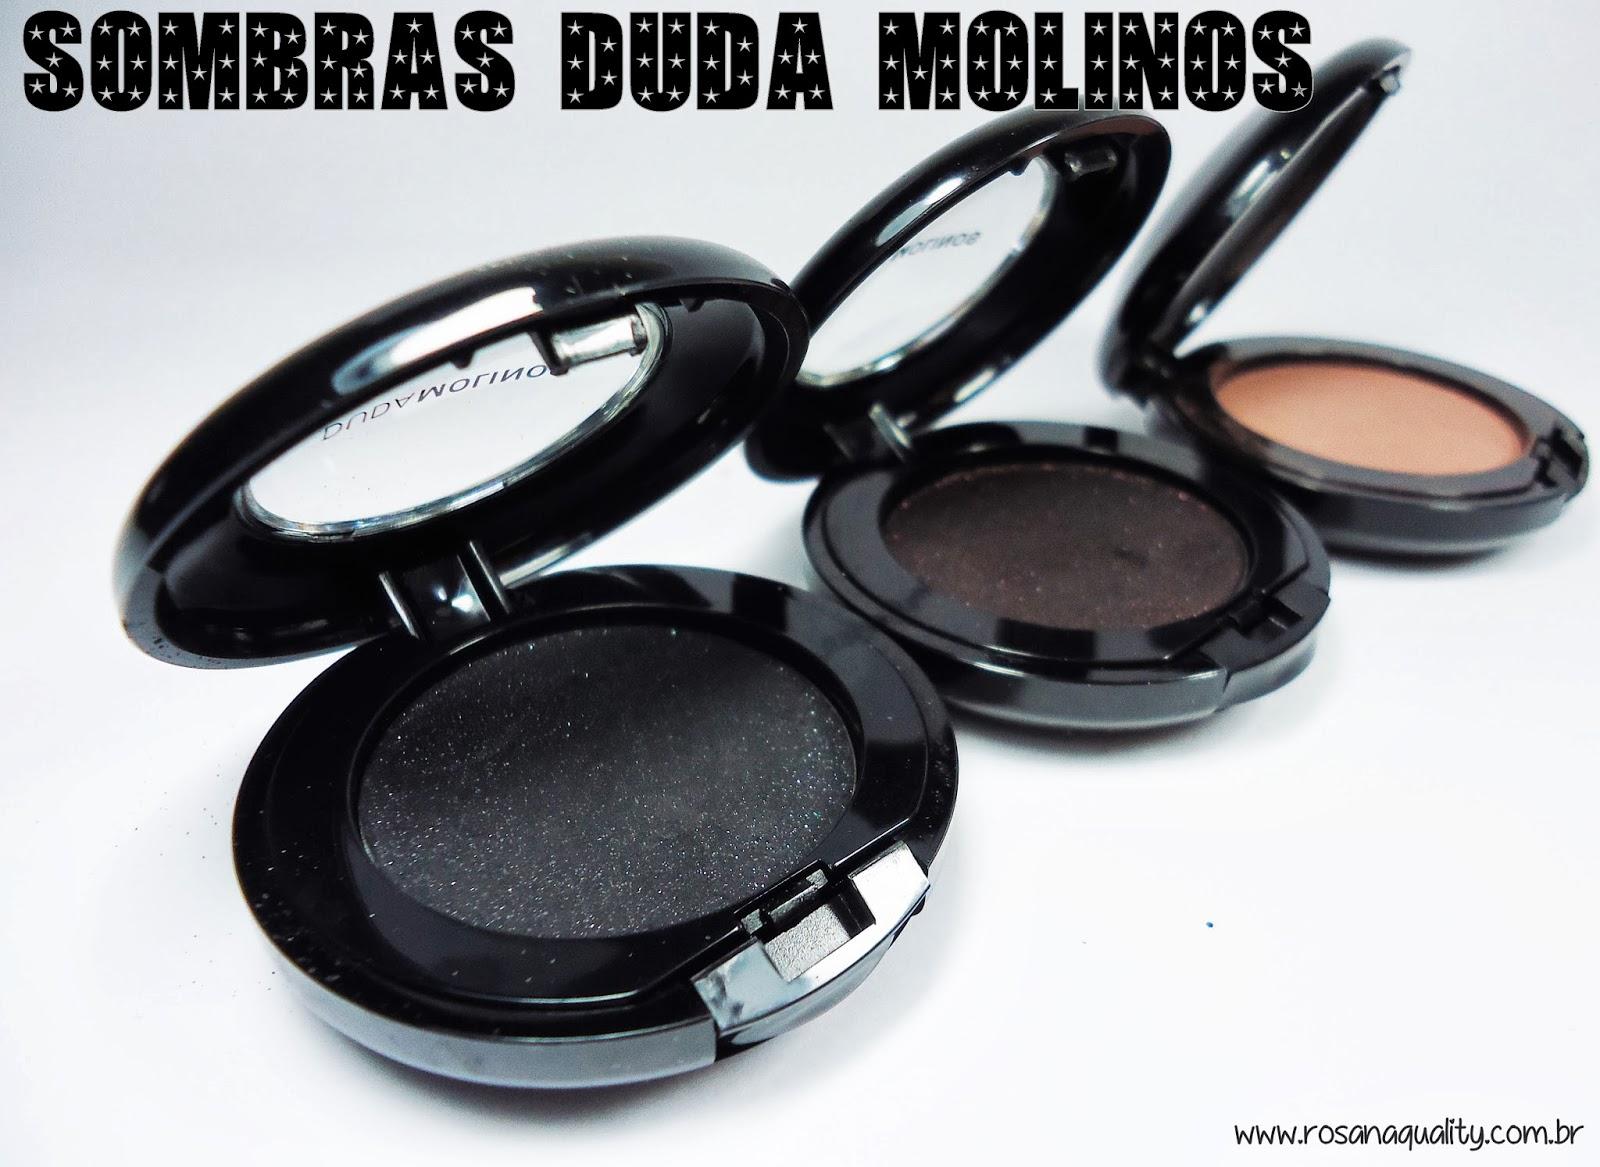 Sombras Duda Molinos